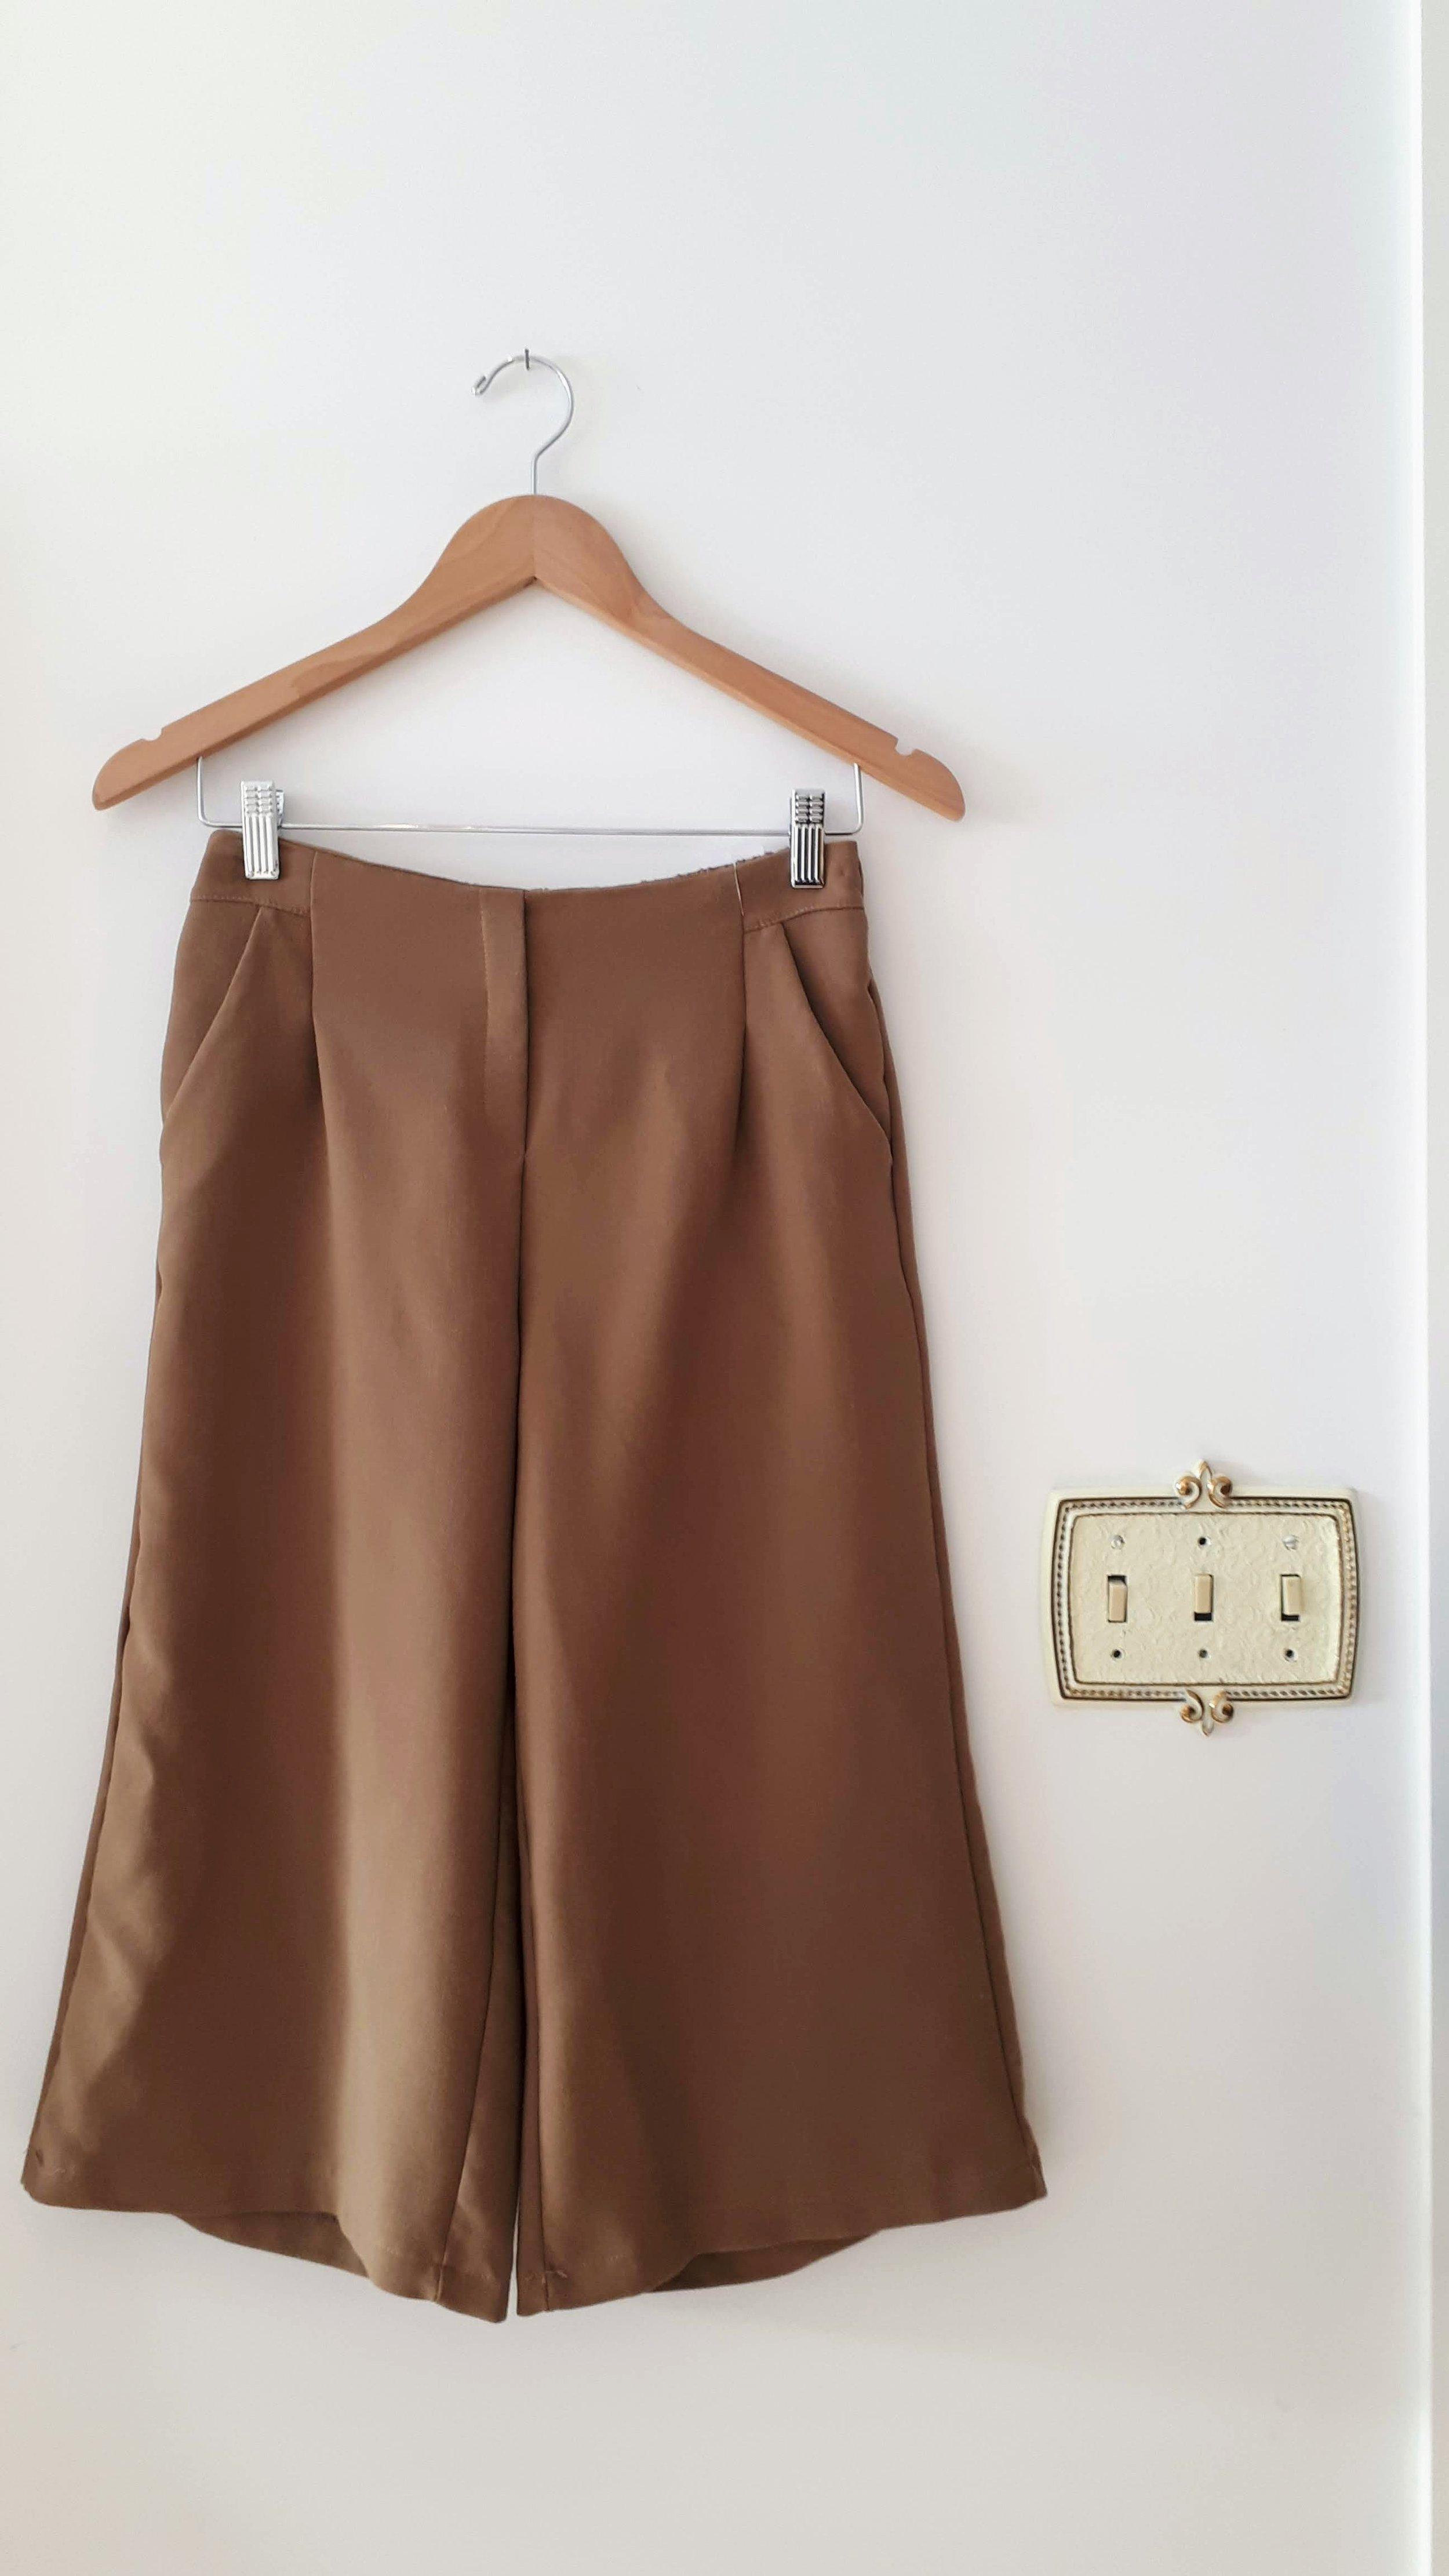 Noul pants; Size M, $38